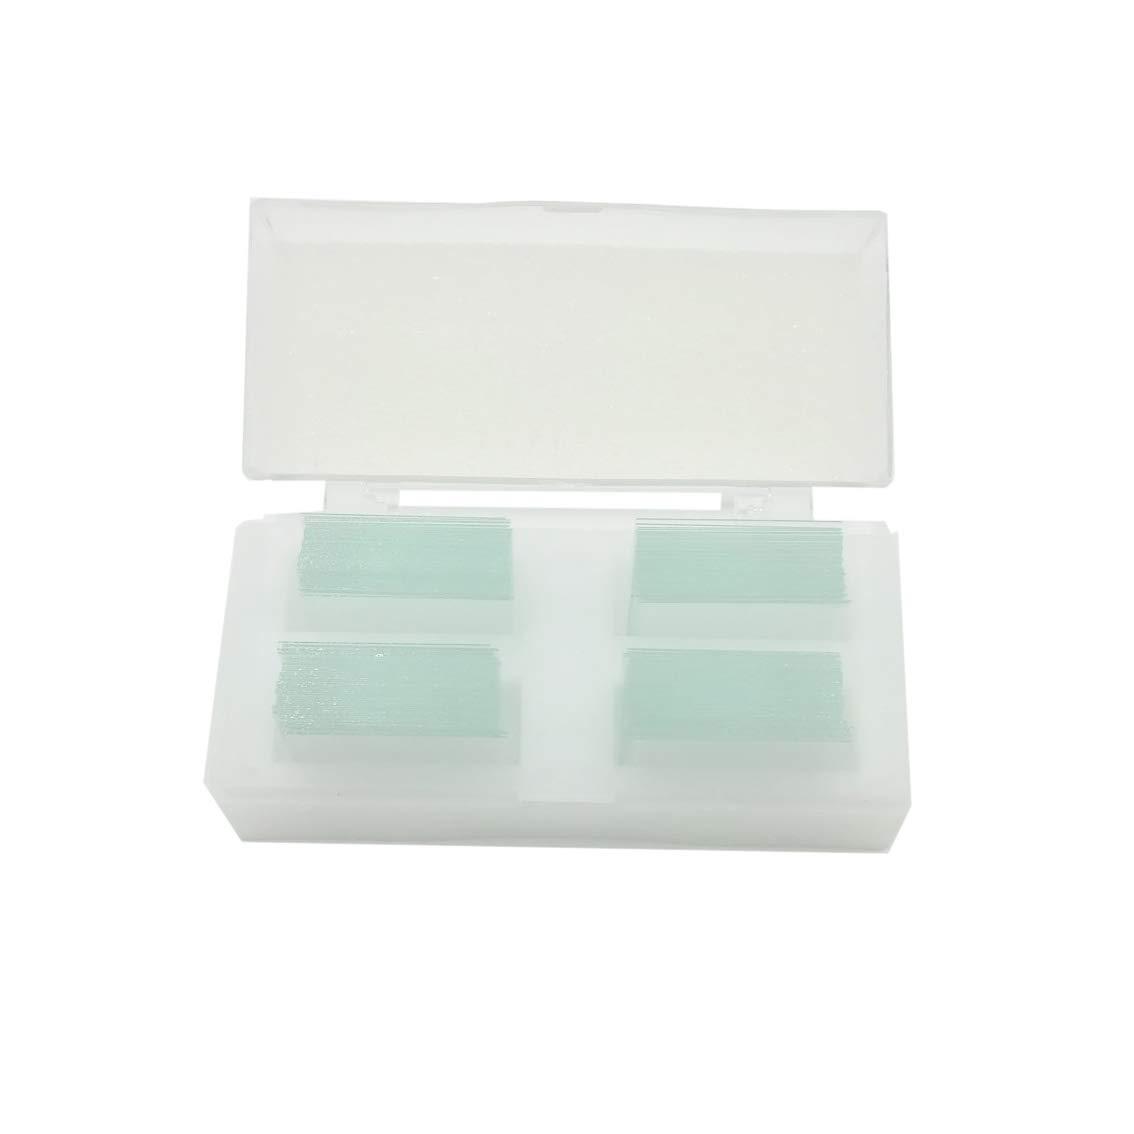 22mm22mm Glass Cover Slips Pre-Cleaned Cover Slip 200pcs//box